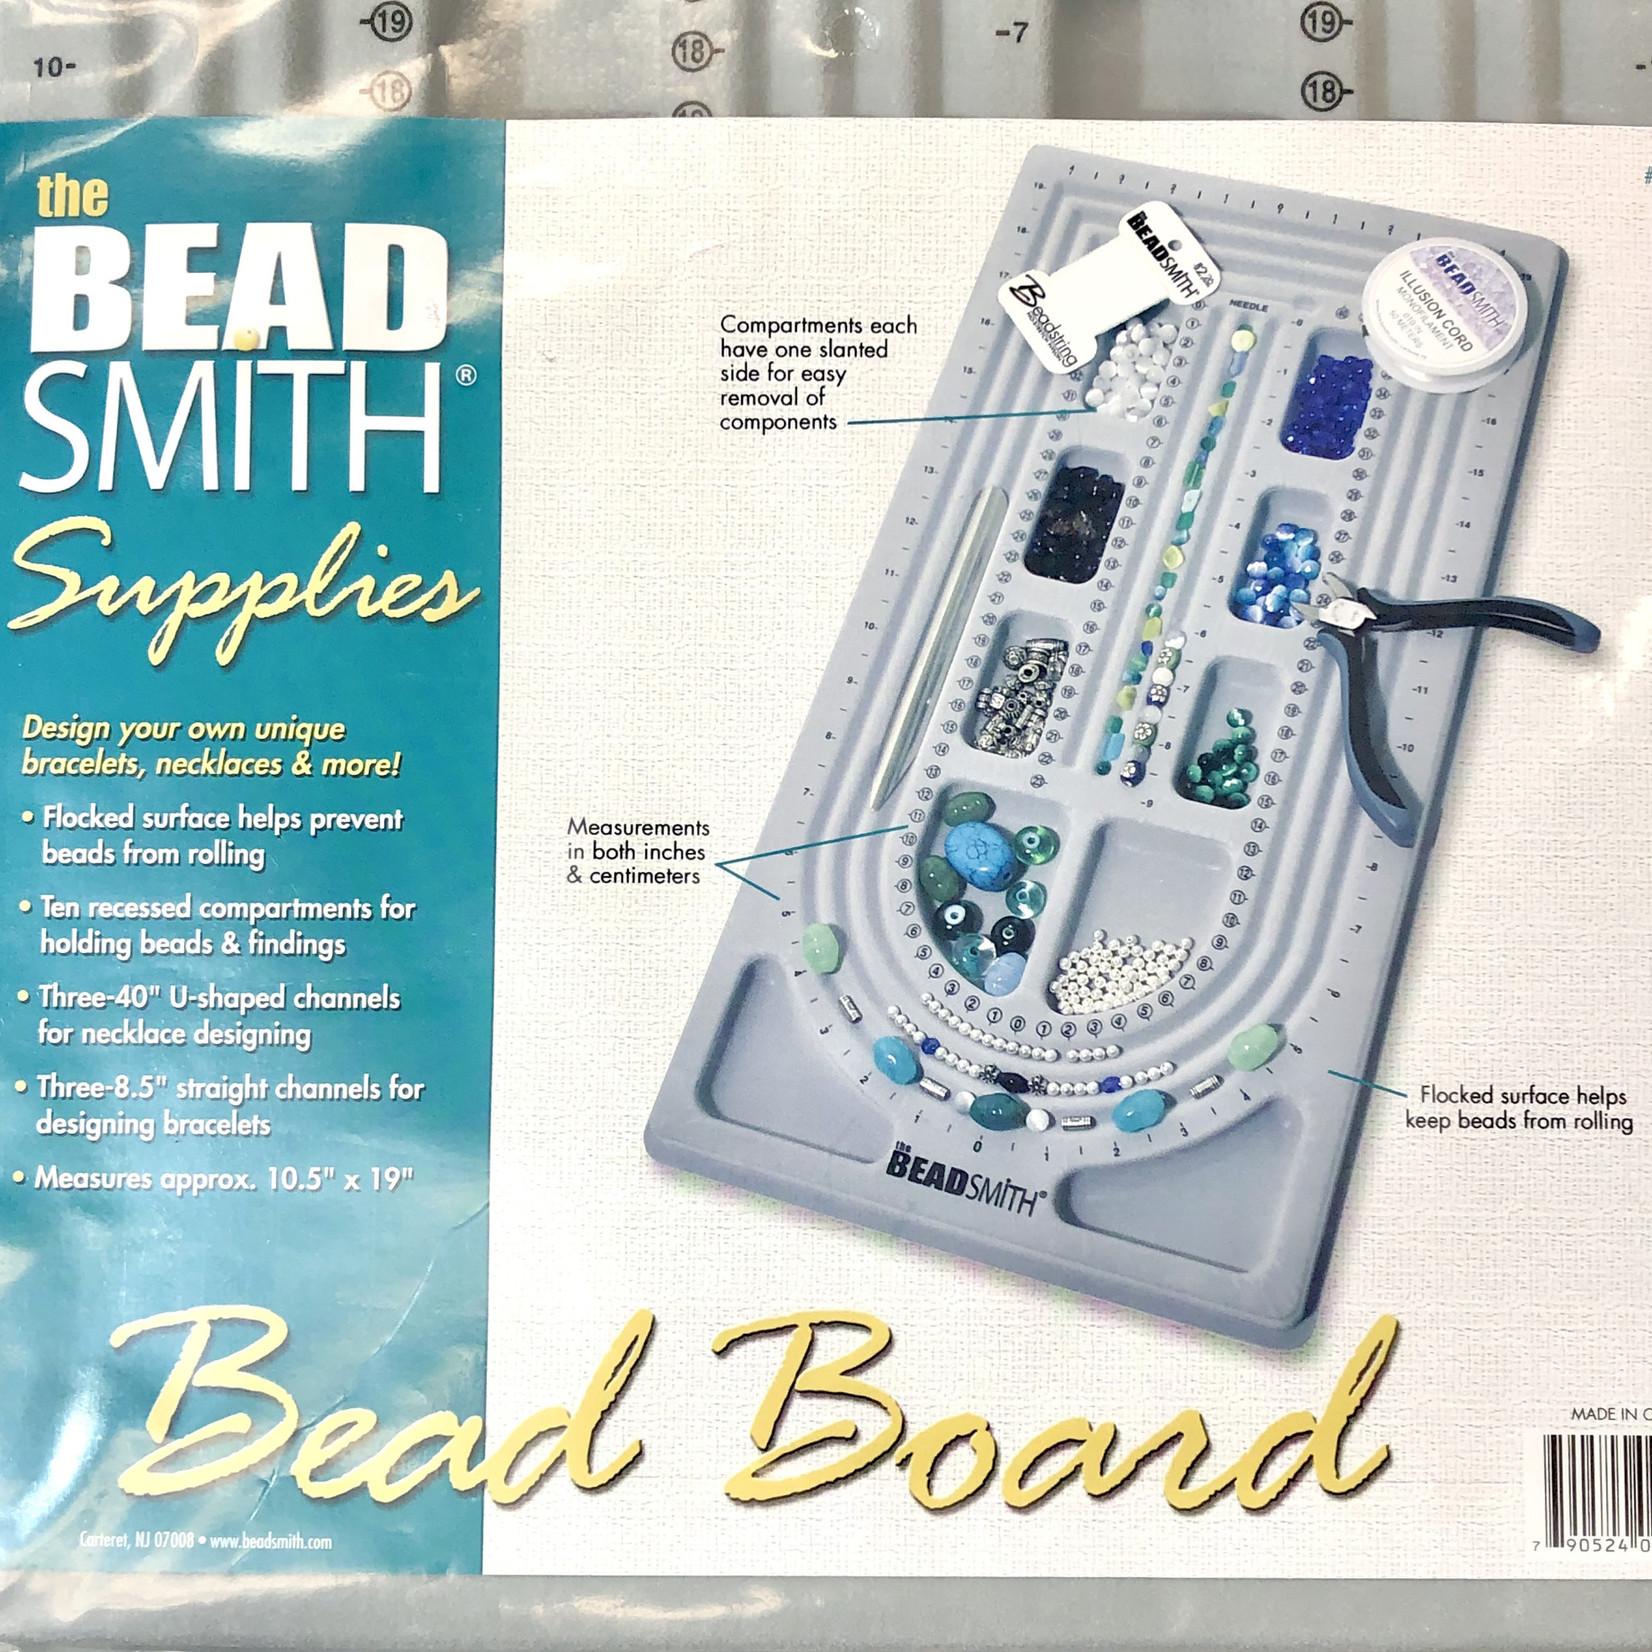 Bead Design Board 28in U-Channel